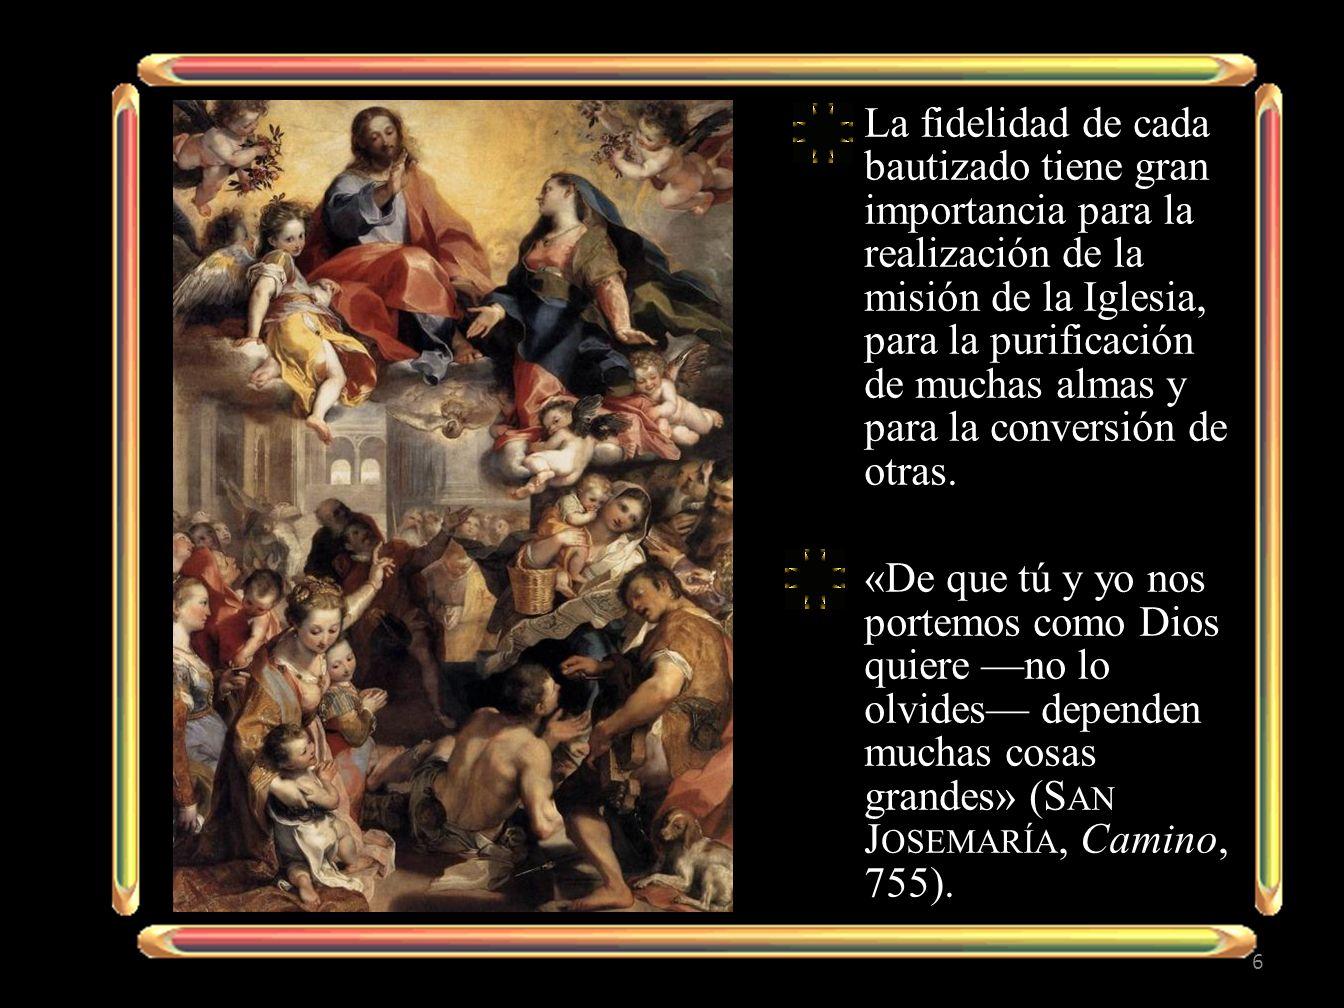 La fidelidad de cada bautizado tiene gran importancia para la realización de la misión de la Iglesia, para la purificación de muchas almas y para la conversión de otras.